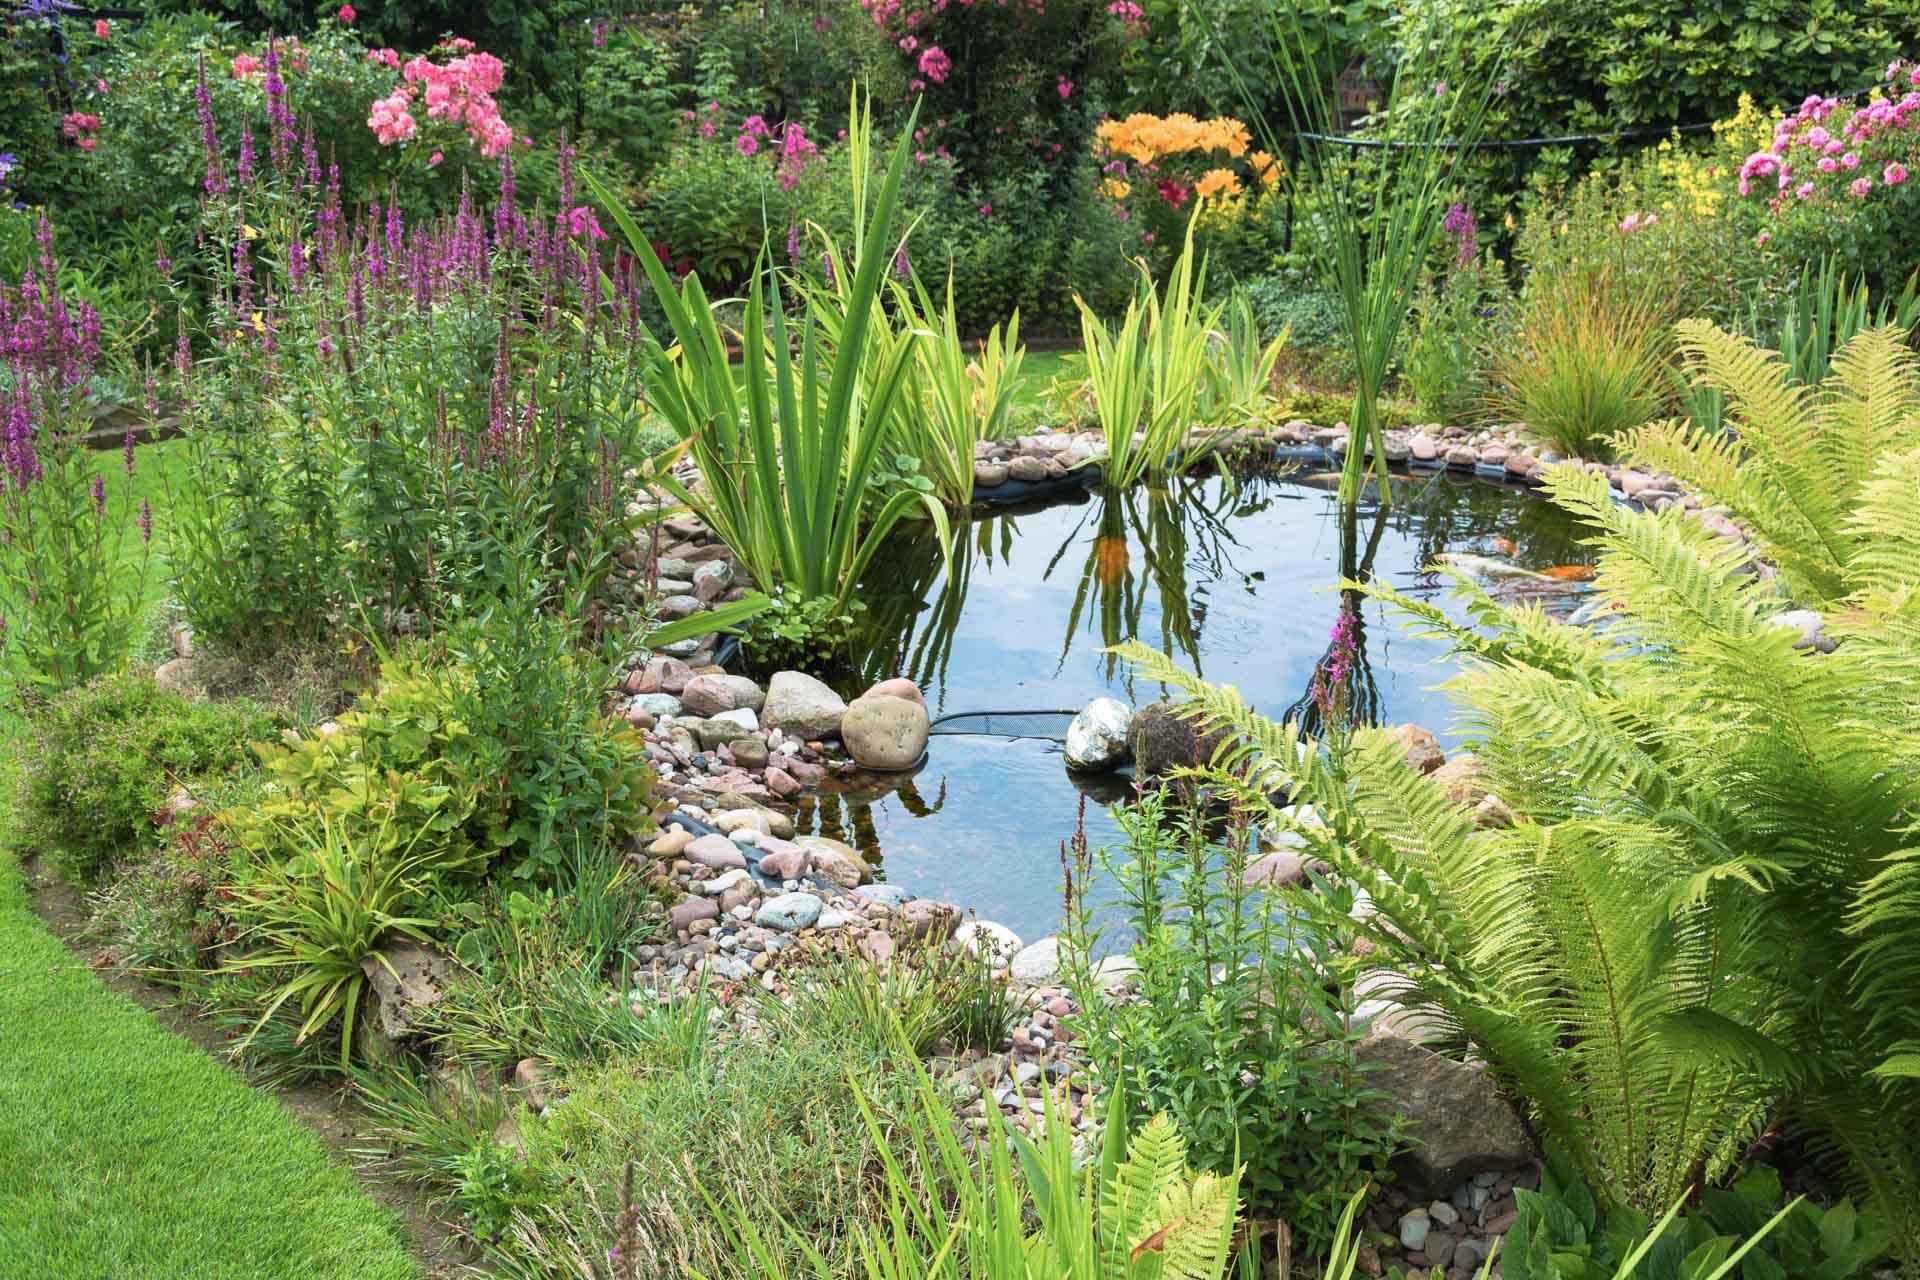 Gärten von Kilian, Gartengestaltung & Gartenpflege, Landschaftsgärtner, Teich